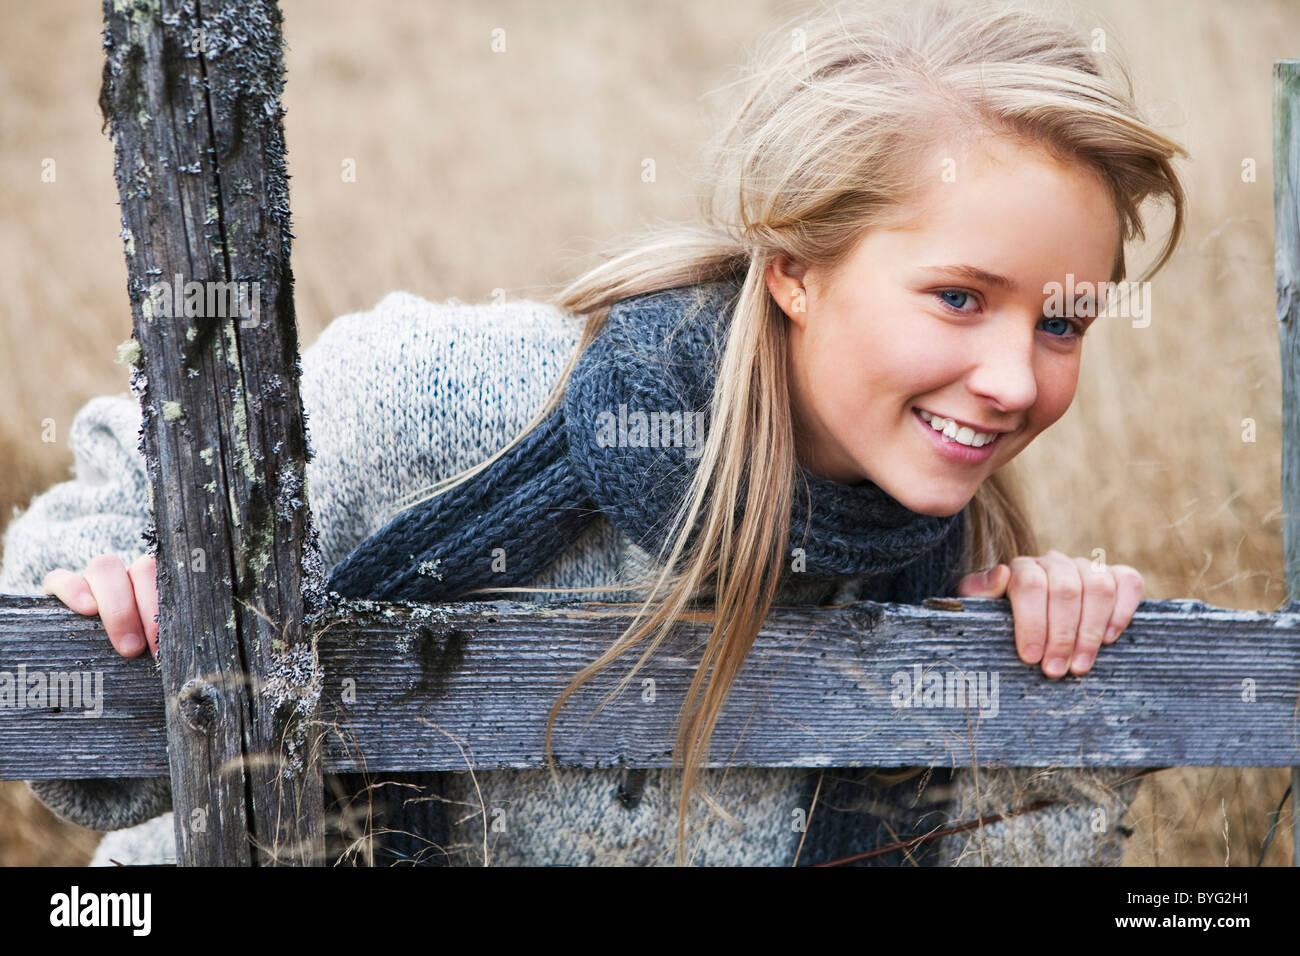 Portrait of teenage girl wearing scarf in field - Stock Image